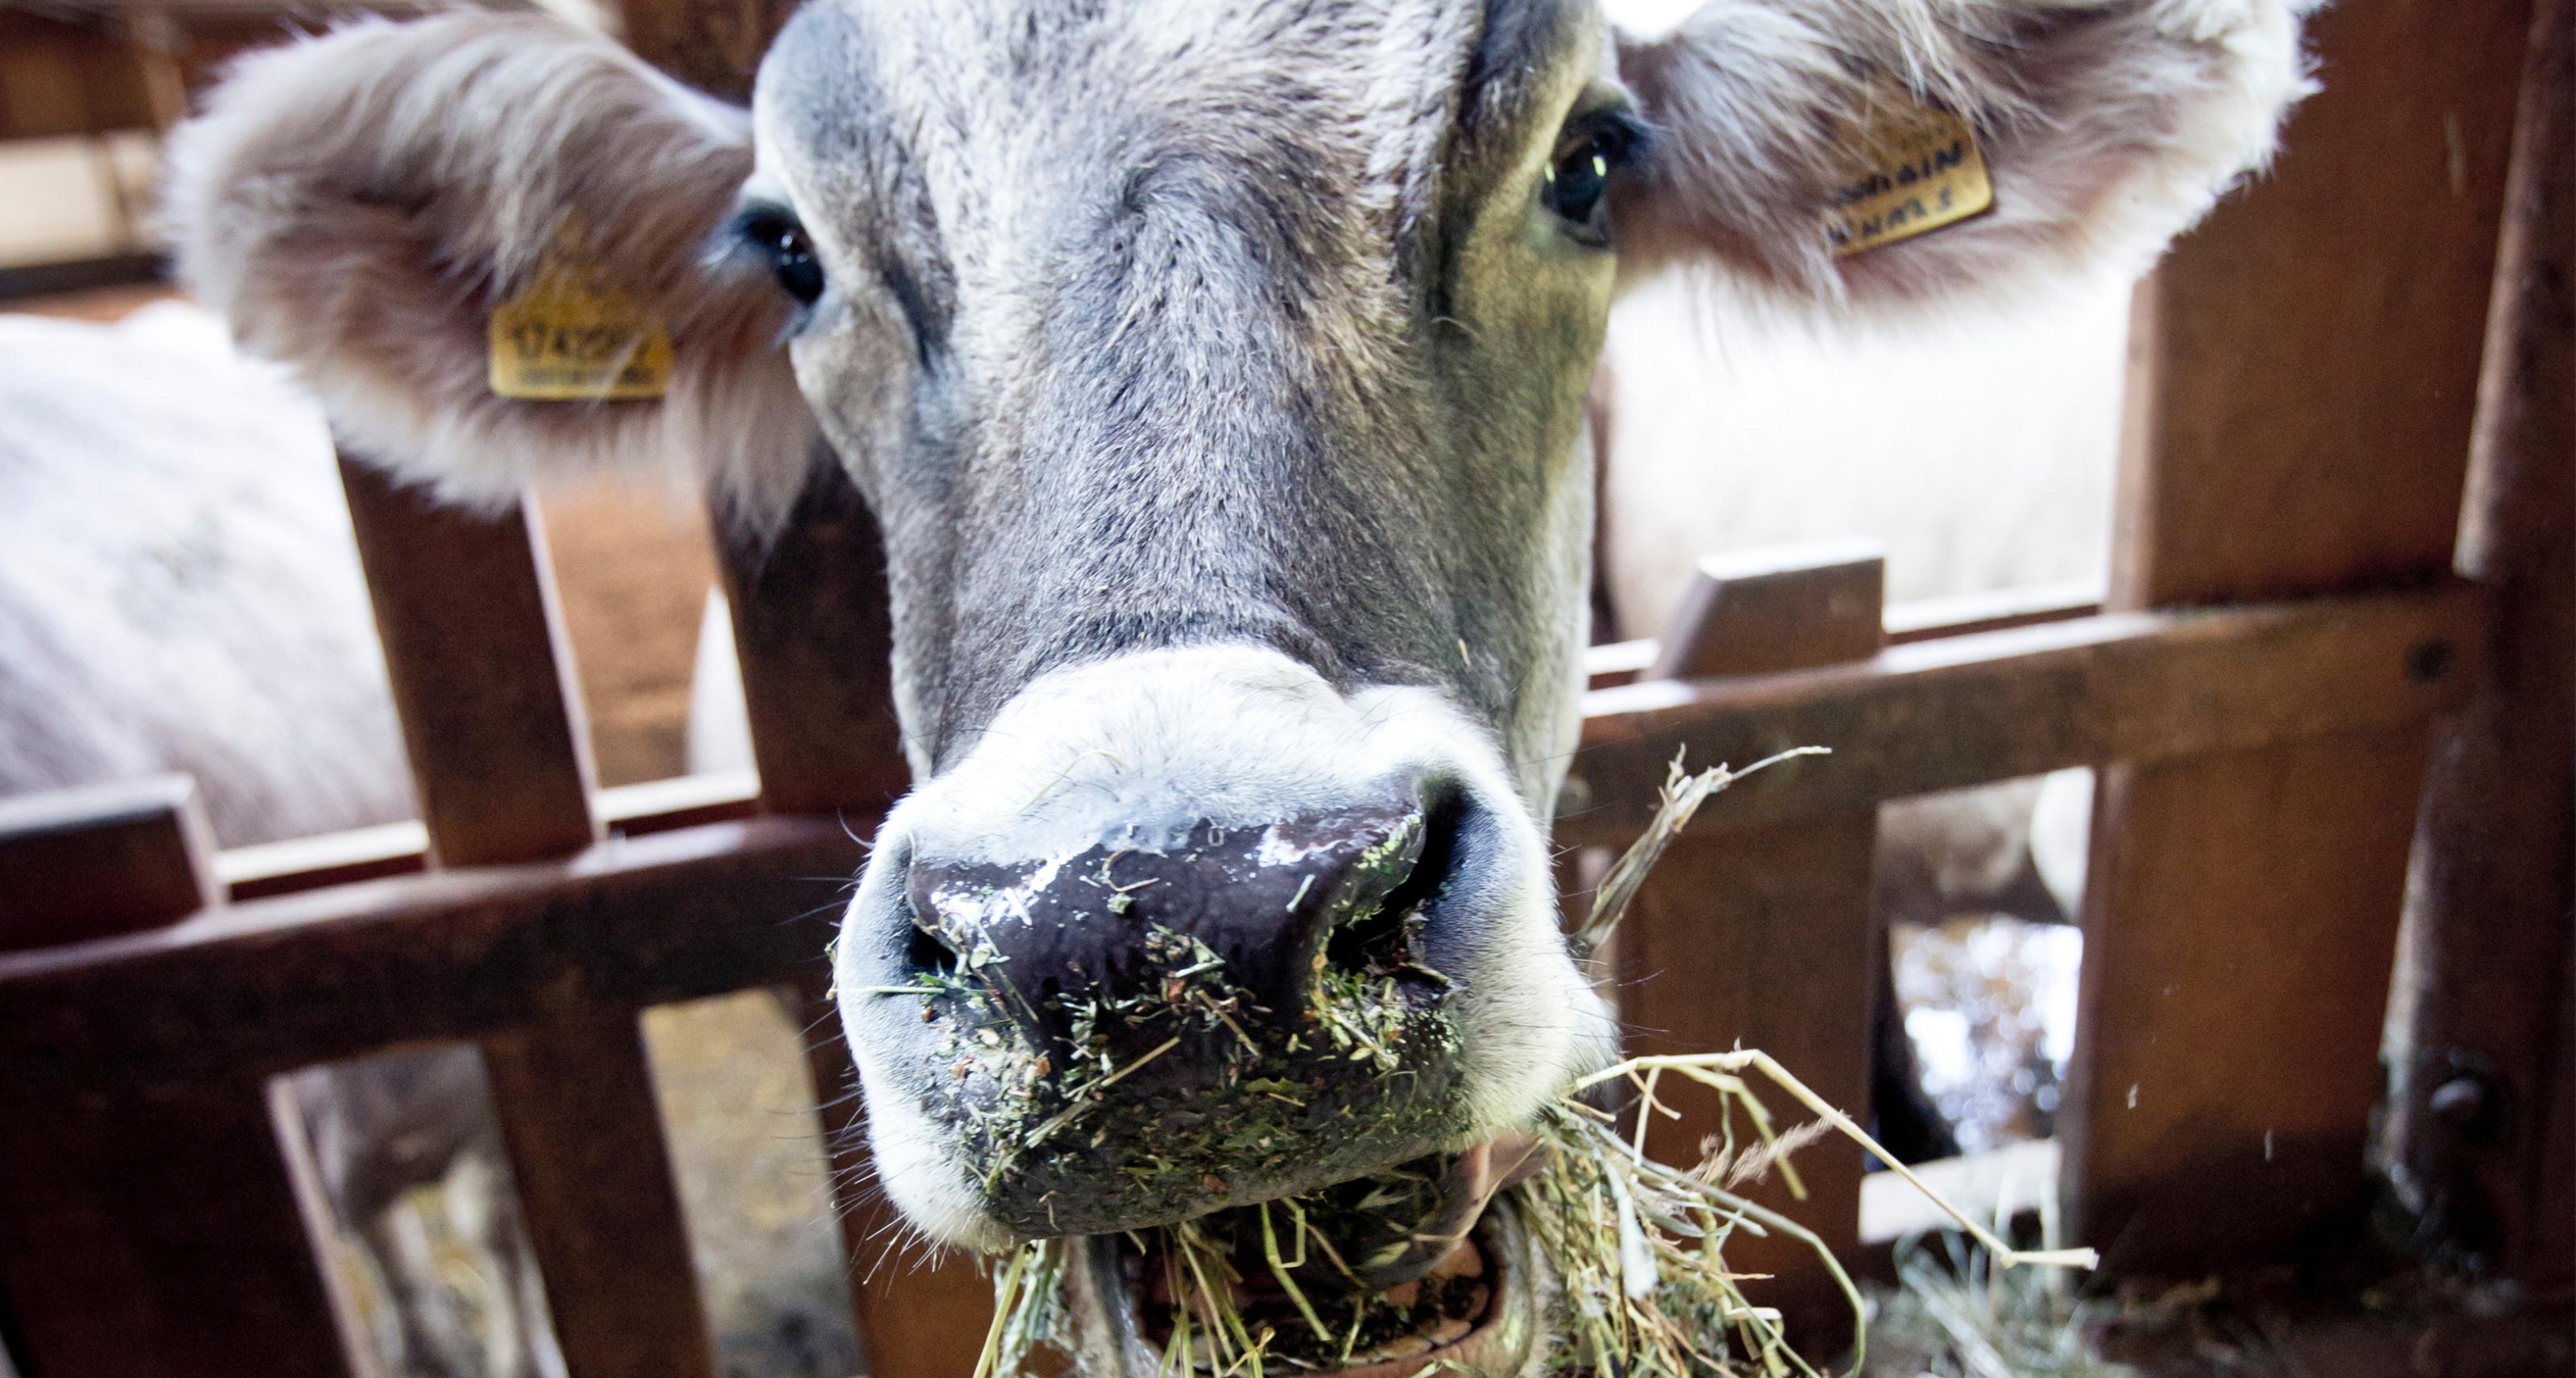 https://www.bioland.de/fileadmin/user_upload/Verbraucher/Blog/Tiere_und_Tierwohl/Mein_Patenkind_ist_eine_Kuh/Blog_Header_1_.jpg